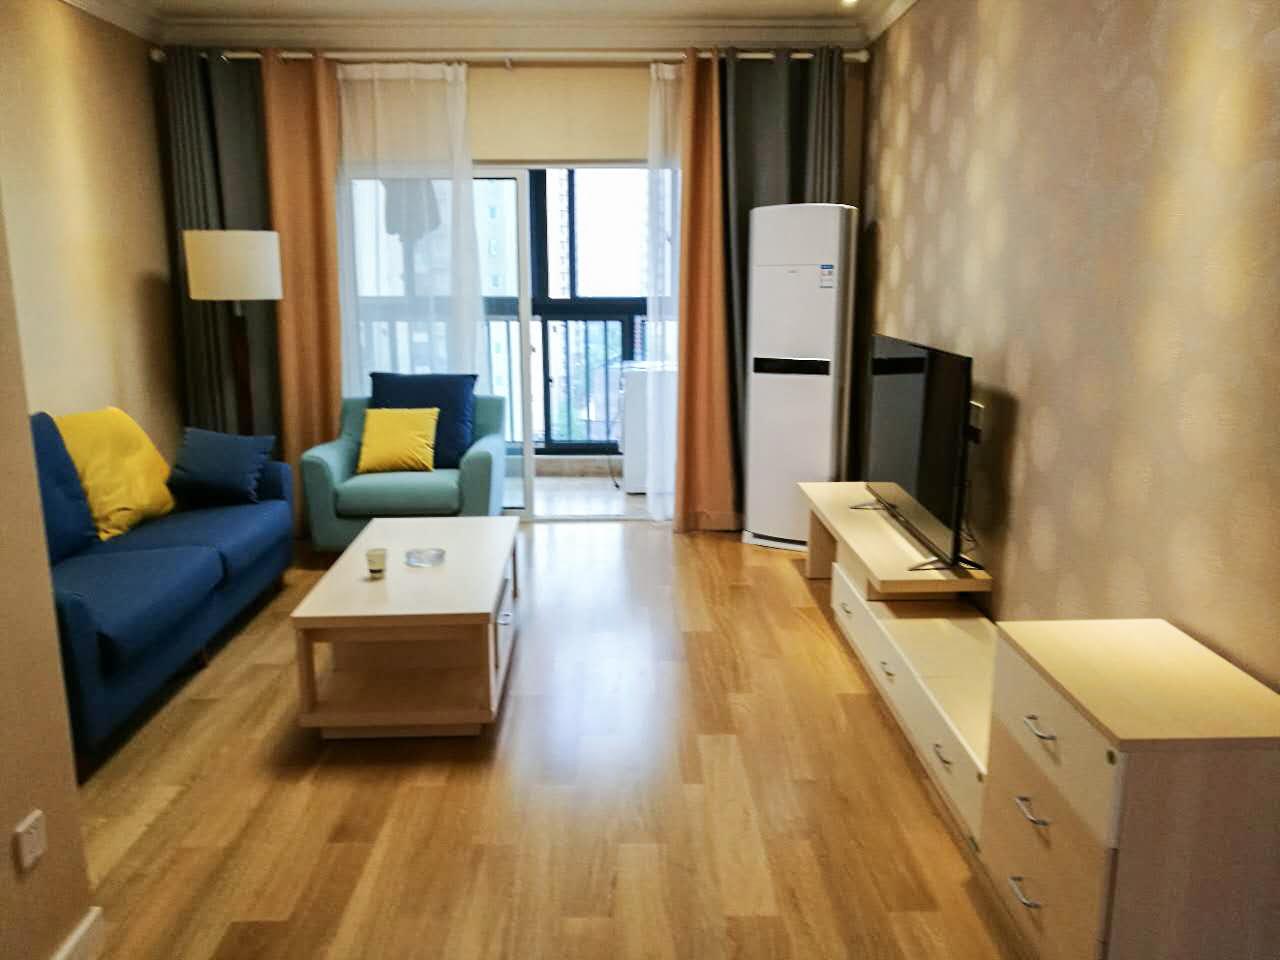 客厅以米色为基调,轻快的蓝绿组合沙发与亮黄色抱枕混搭,整体给人感觉跳跃活泼又有质感。